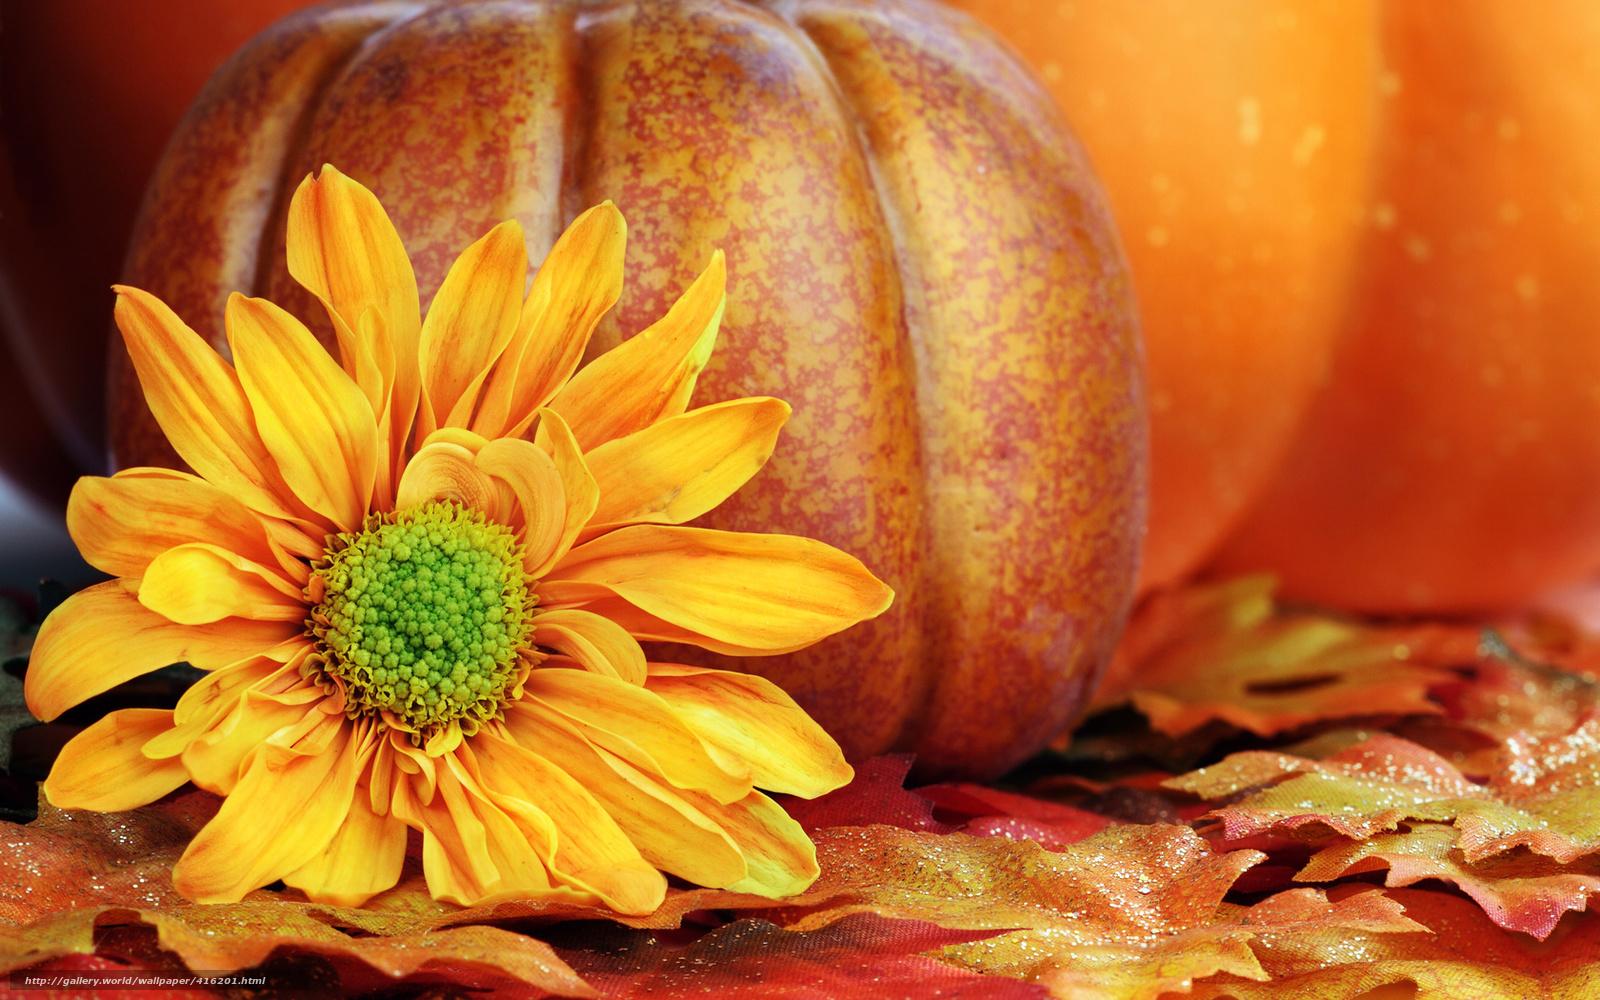 wallpaper flower yellow Petals pumpkin desktop wallpaper 1600x1000